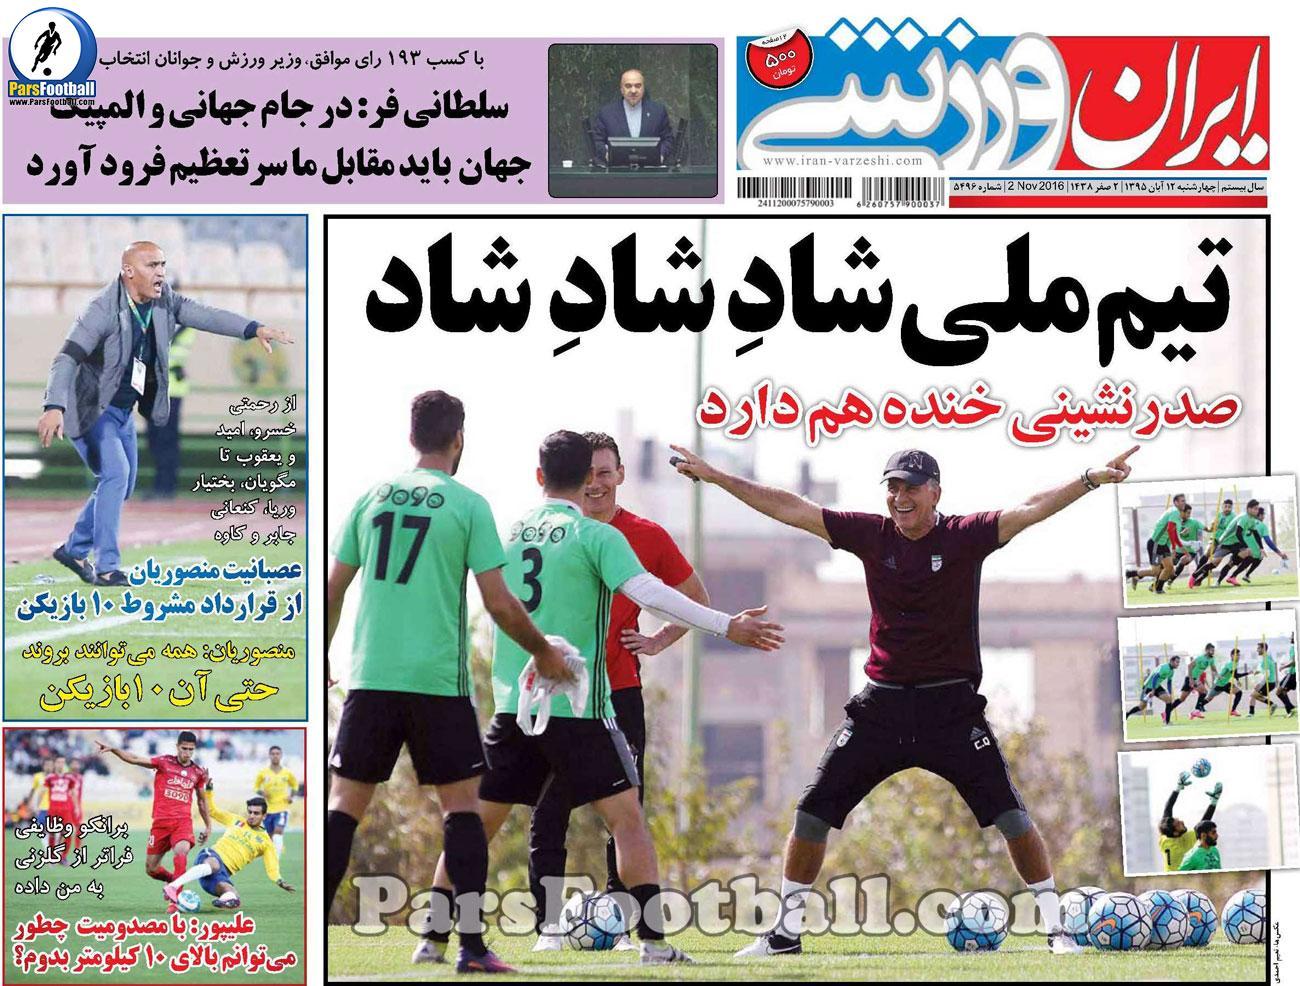 روزنامه ایران ورزشی چهارشنبه 12 آبان 95